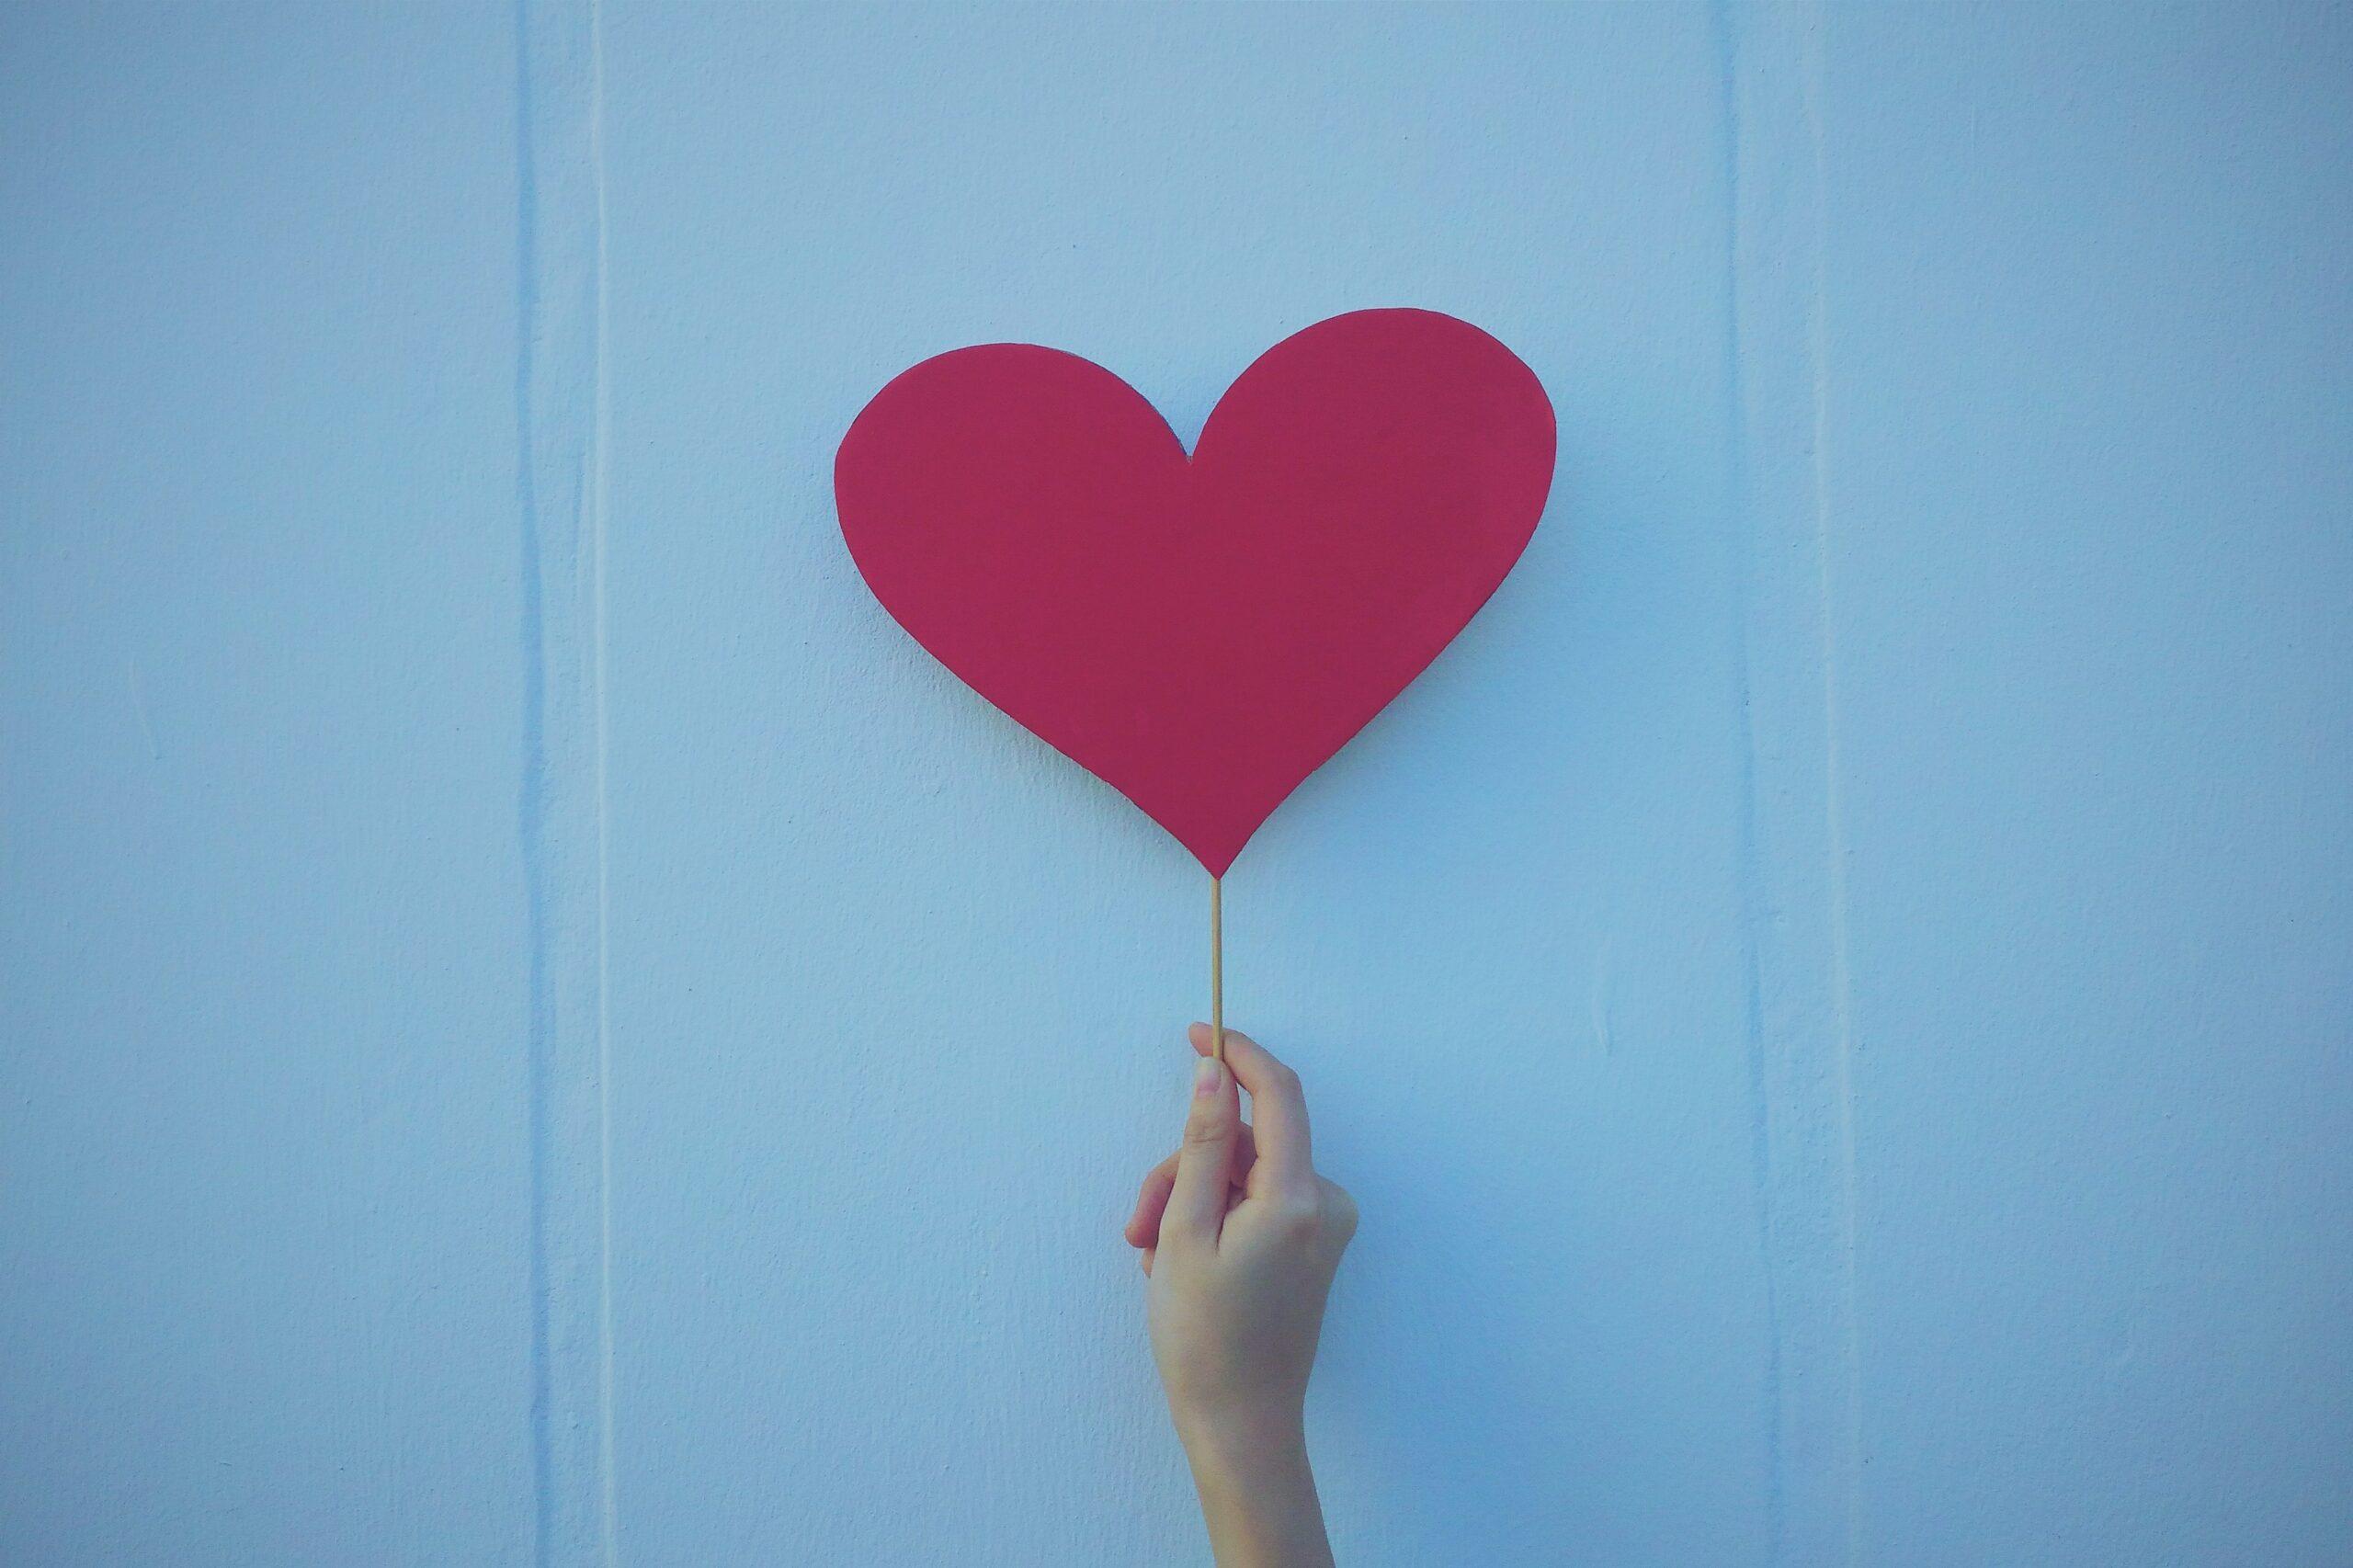 Tajemství našeho srdce